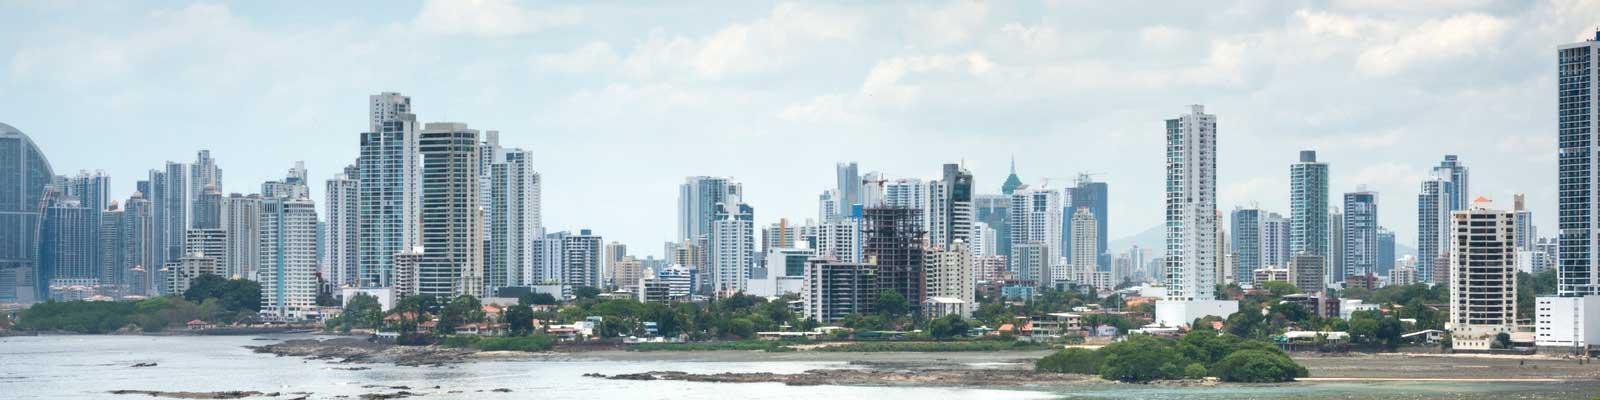 Panama Immobili - Case vacanza, immobili di prestigio, immobili sulla spiaggia - Investimenti di valore